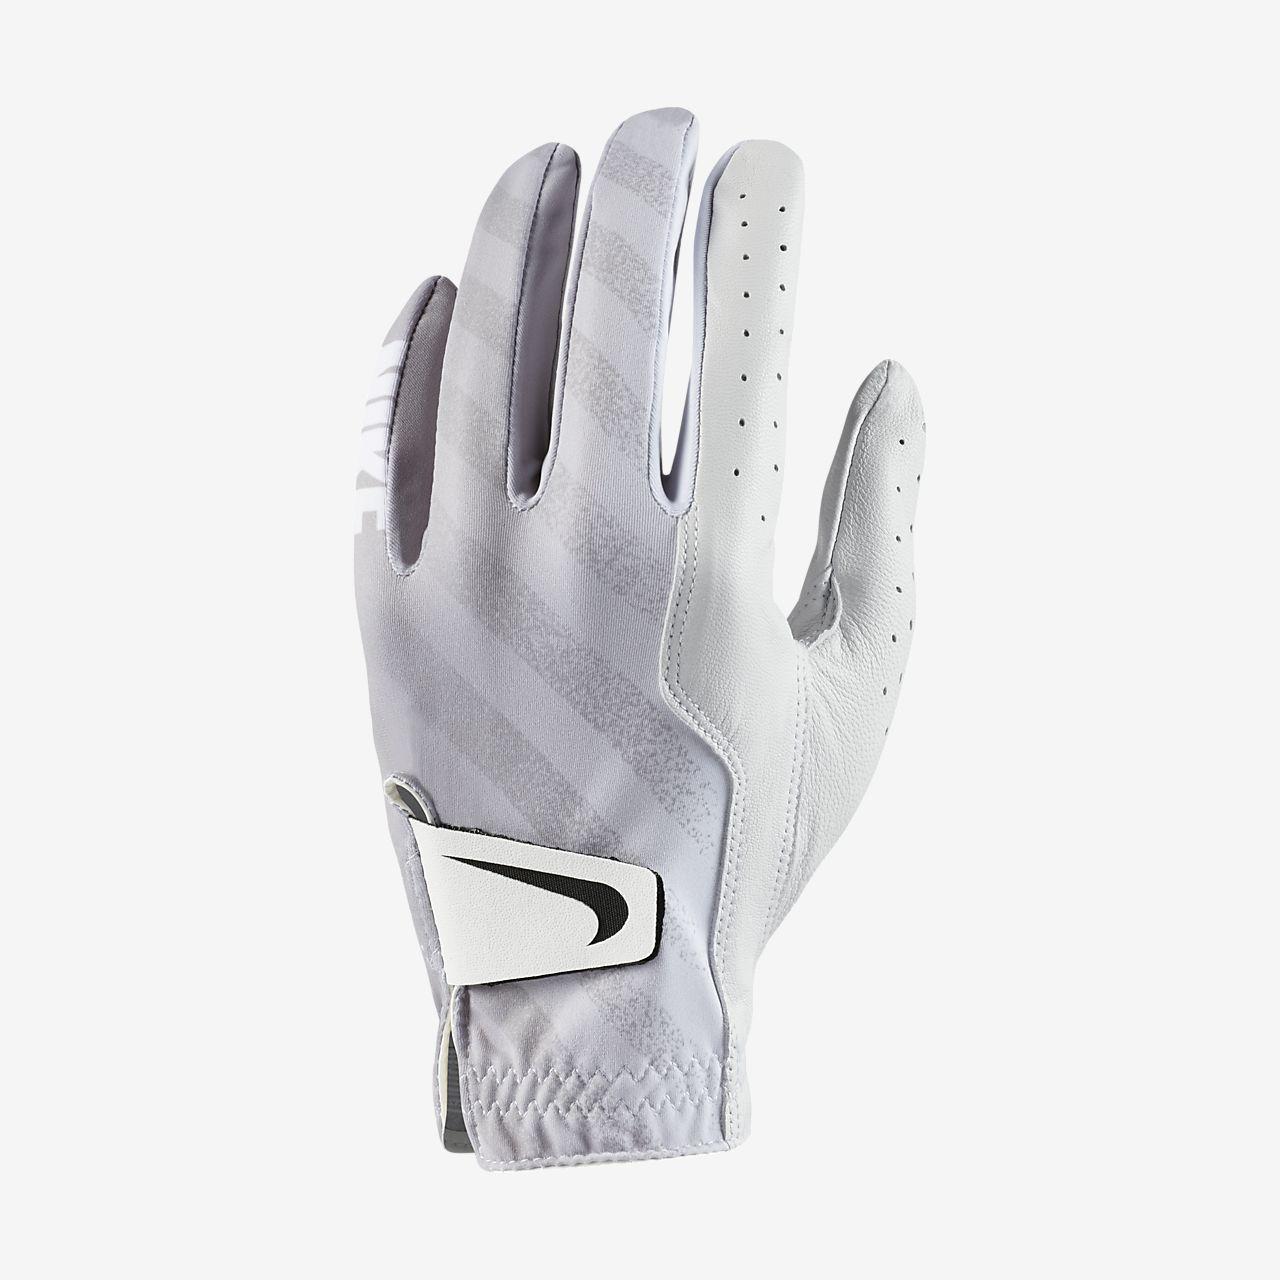 Damska rękawiczka do golfa Nike Tech (standardowa, na lewą dłoń)